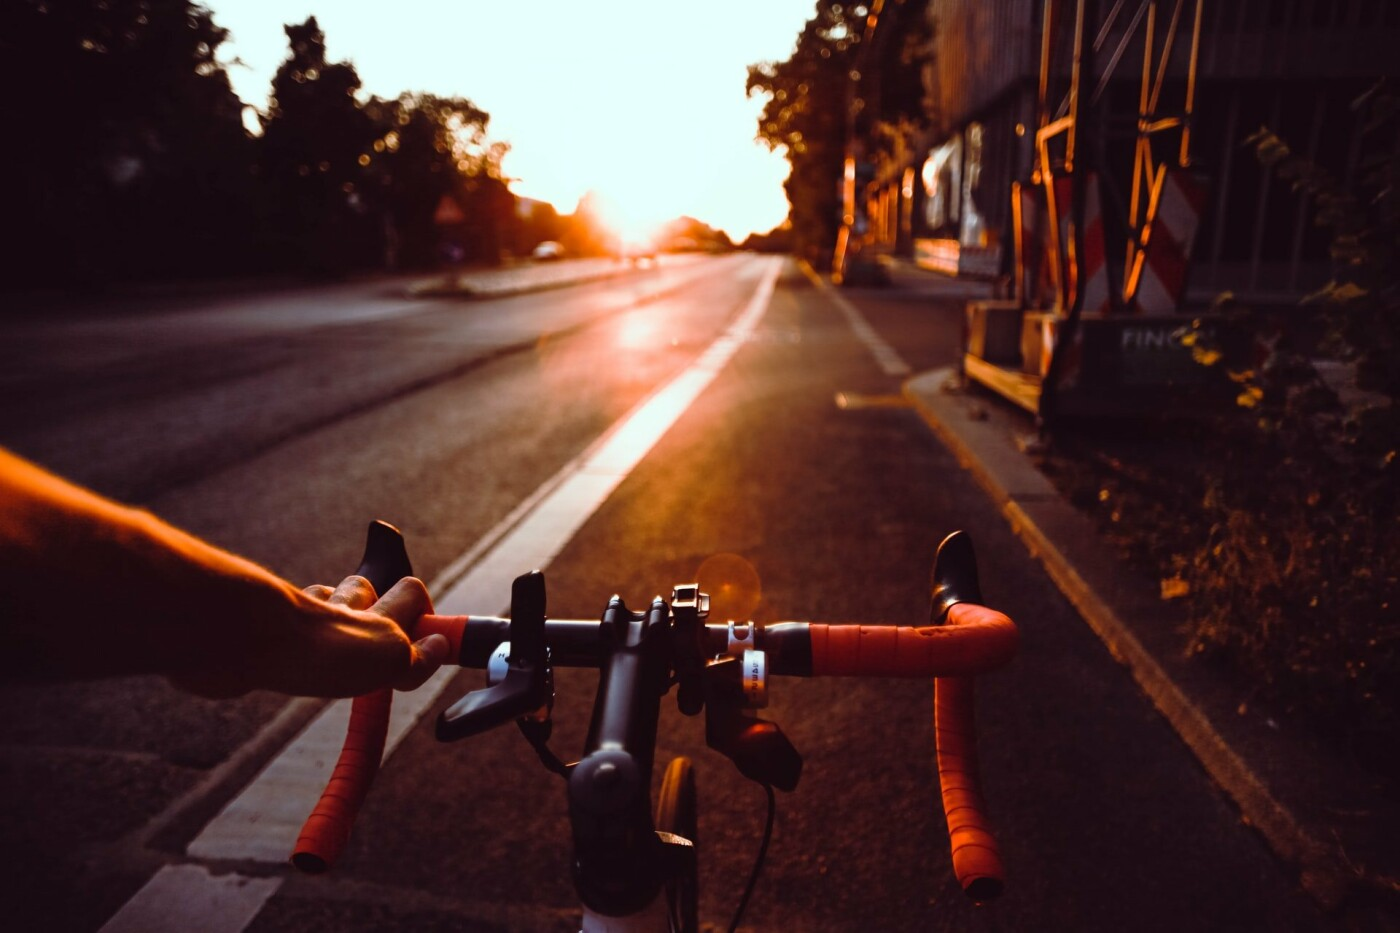 ТОП-5 причин перейти на самокаты или велосипеды в Киеве, Фото: Flo Karr